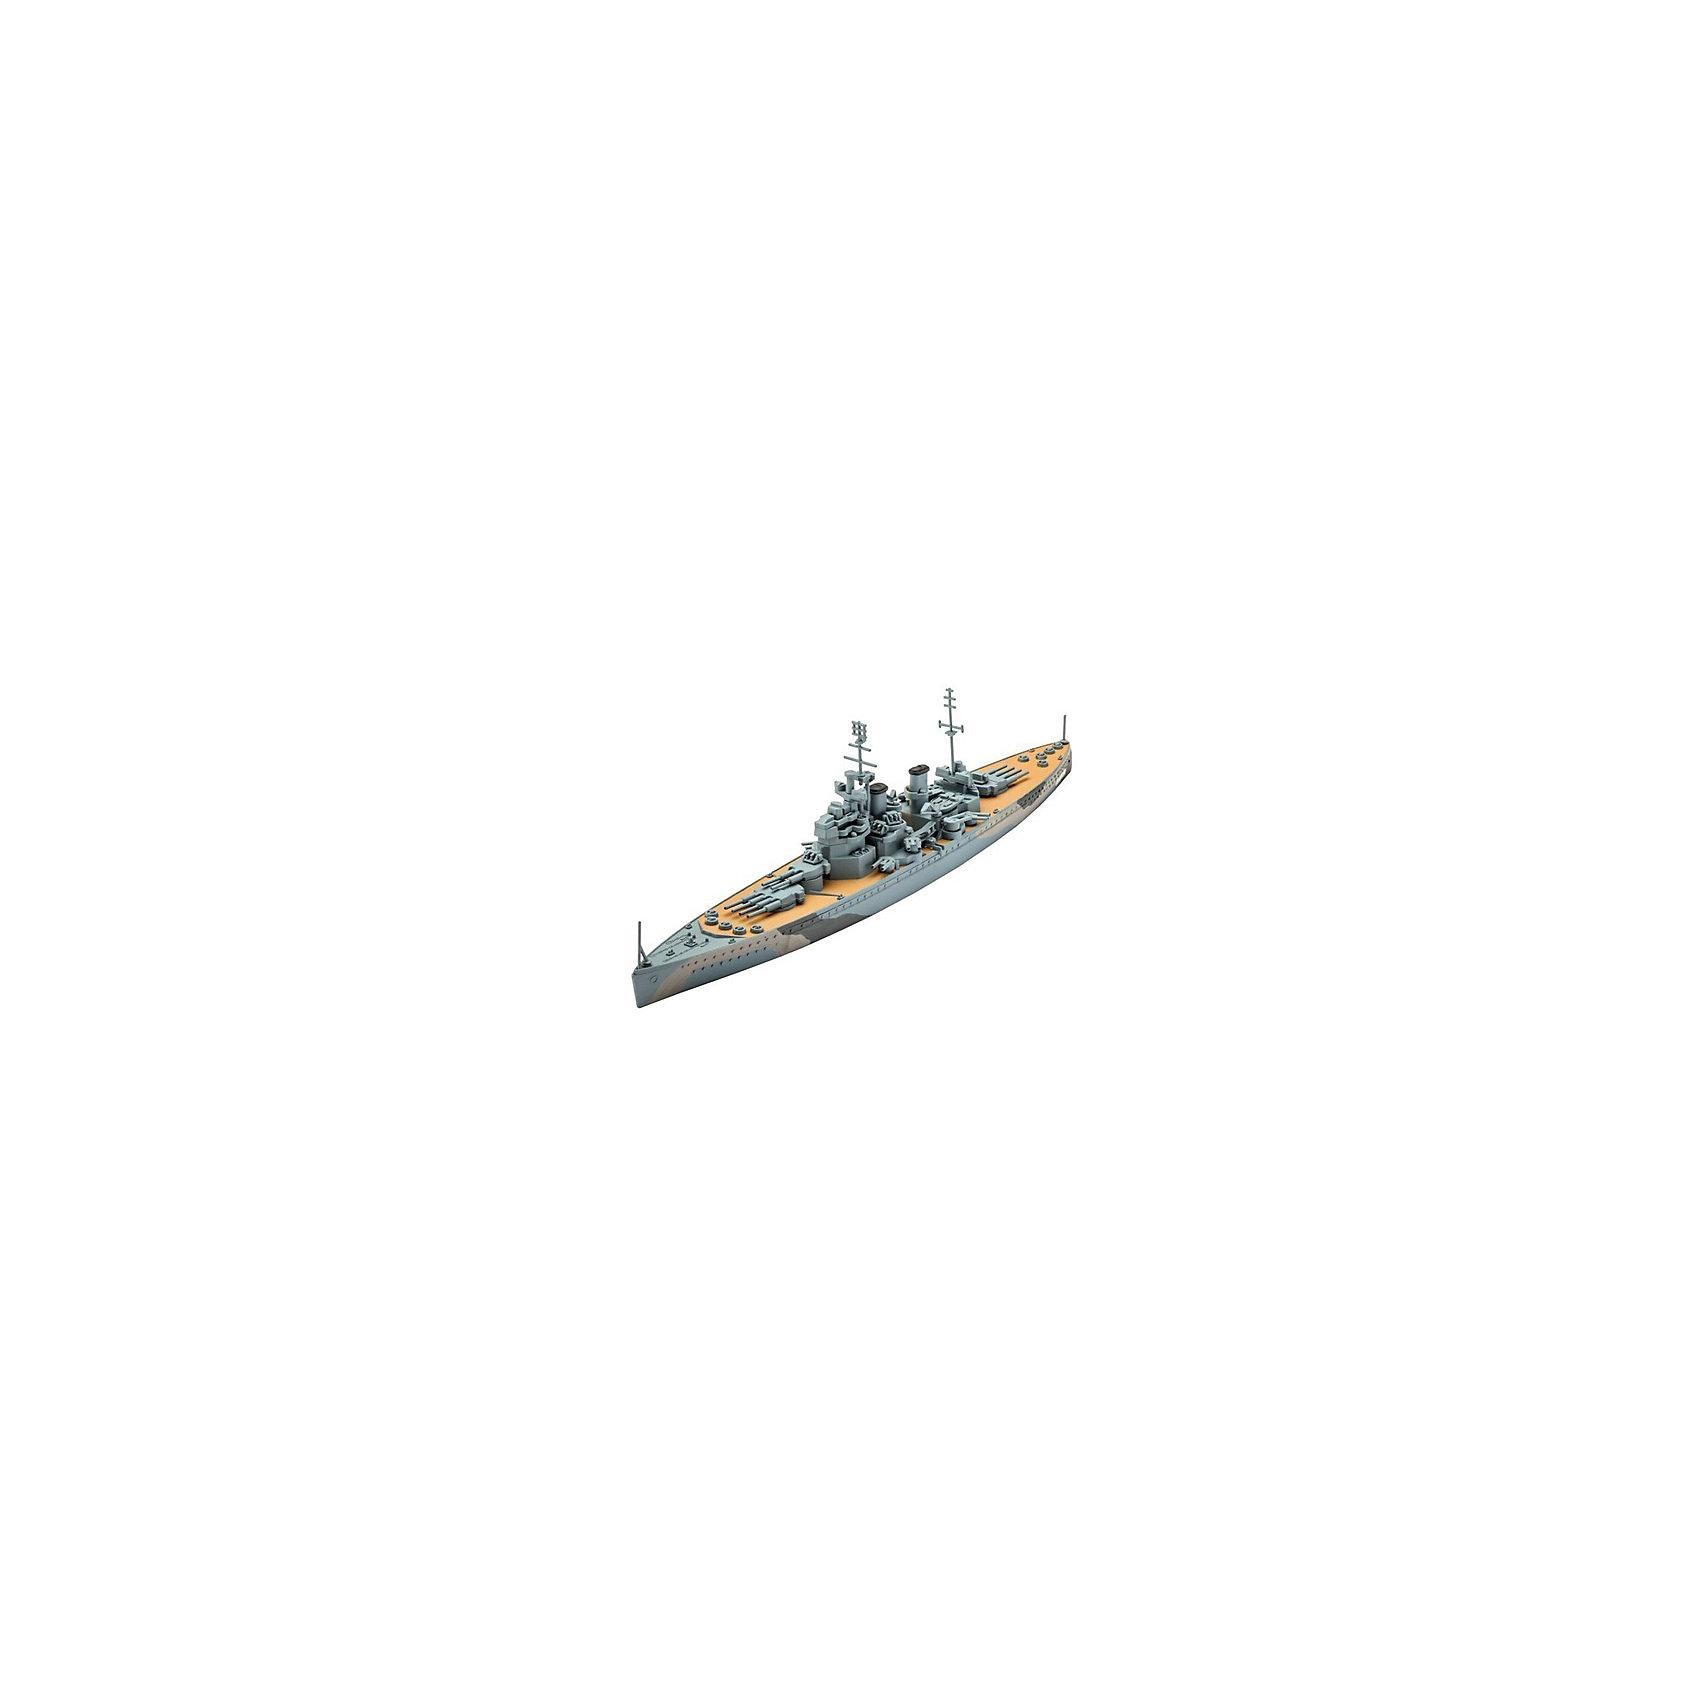 Линкор H.M.S Prince of WalesМодели для склеивания<br>Этот знаменитый линкор H.M.S Prince of Wales вместе с линкором HMS Hood был отправлен для перехвата двух вражеских кораблей: линкоров Бисмарк и Принц Ойген во время Второй Мировой войны. После потопления Корабля Её Величества Hood, 24 мая 1941 сильно повреждённый линкор H.M.S Prince of Wales смог несколькими залпами вызвать пожар на Бисмарке до своего потопления. Благодаря героизму членов экипажа этого знаменитого линкора Её Величества Принца Уэльского, HMS Bismarck получил значительные повреждения в области рулевого управления, что позволил его вскоре потопить.   <br><br>Несравненная сборная модель британского линкора является абсолютно точной уменьшенной копией своего героического прототипа в масштабе 1:1200. Всего модель состоит из 45 отдельных компонентов, а длина готового макета составляет 175 мм. Линкор выполнен в мельчайших подробностях: тщательно детализированная палуба со множеством надстроек, орудийные башни и краны, самолёт на борту судна и подлинная цветовая гамма не оставляют сомнений – перед вами настоящий линкор H.M.S Prince of Wales!   <br><br>Разработанная для детей от 10 лет, сборная модель Корабля Её Величества Принца Уэльского, определённо, принесёт массу положительных эмоций и взрослому моделисту и коллекционеру военной техники времён Второй Мировой войны. Сборка такой модели требует определённого уровня мастерства. Её относят к профессиональному уровню (№3). Моделирование, несомненно, весьма полезное времяпровождения, ведь оно отлично тренирует мелкую моторику, развивает в ребёнке такие навыки как усидчивость, аккуратность и внимательность. Кроме того, развивается пространственное мышление, логика и креативность.<br><br>Ширина мм: 9999<br>Глубина мм: 9999<br>Высота мм: 9999<br>Вес г: 9999<br>Возраст от месяцев: 120<br>Возраст до месяцев: 2147483647<br>Пол: Мужской<br>Возраст: Детский<br>SKU: 7122345